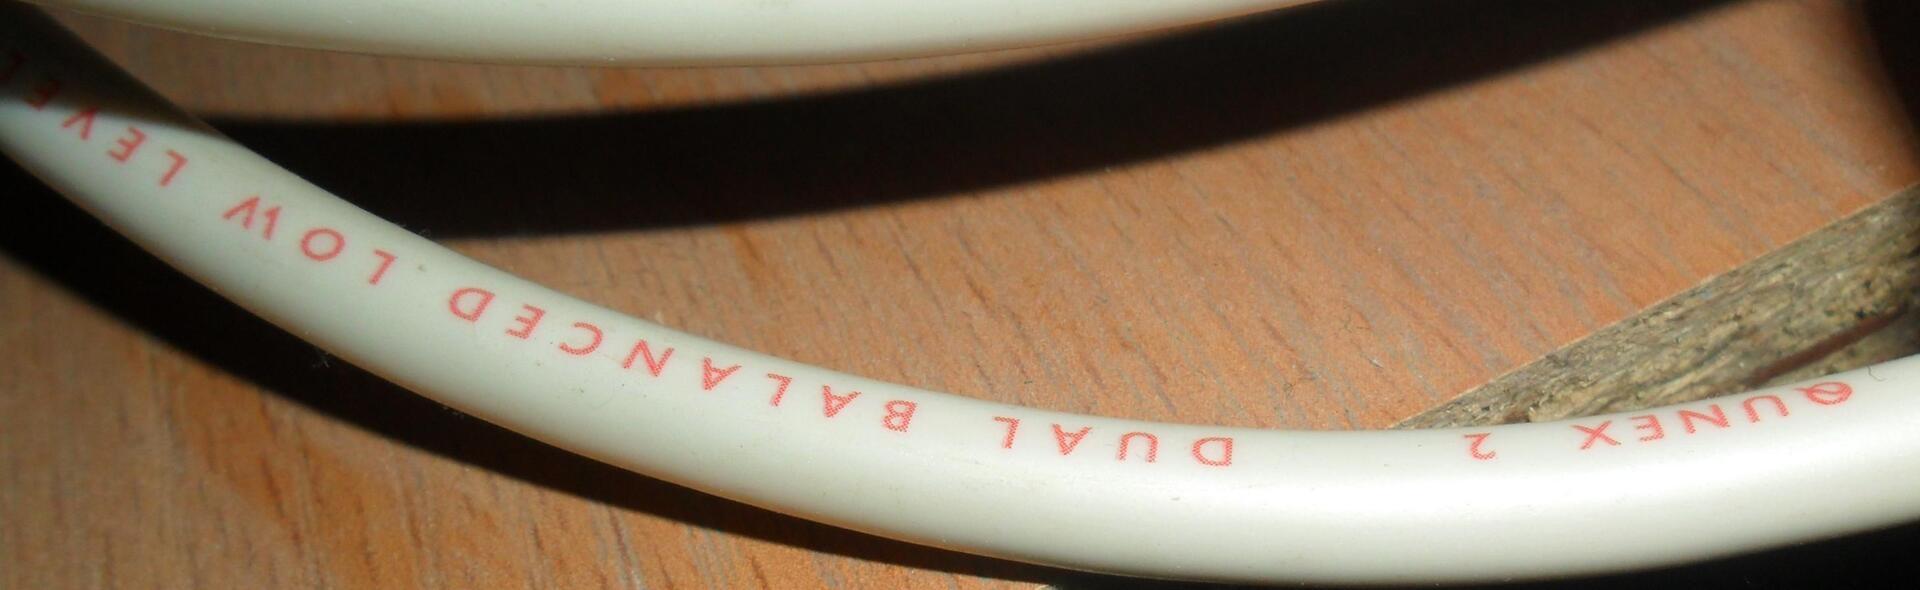 Межблочный кабель QED qunex 2 - 0,5м